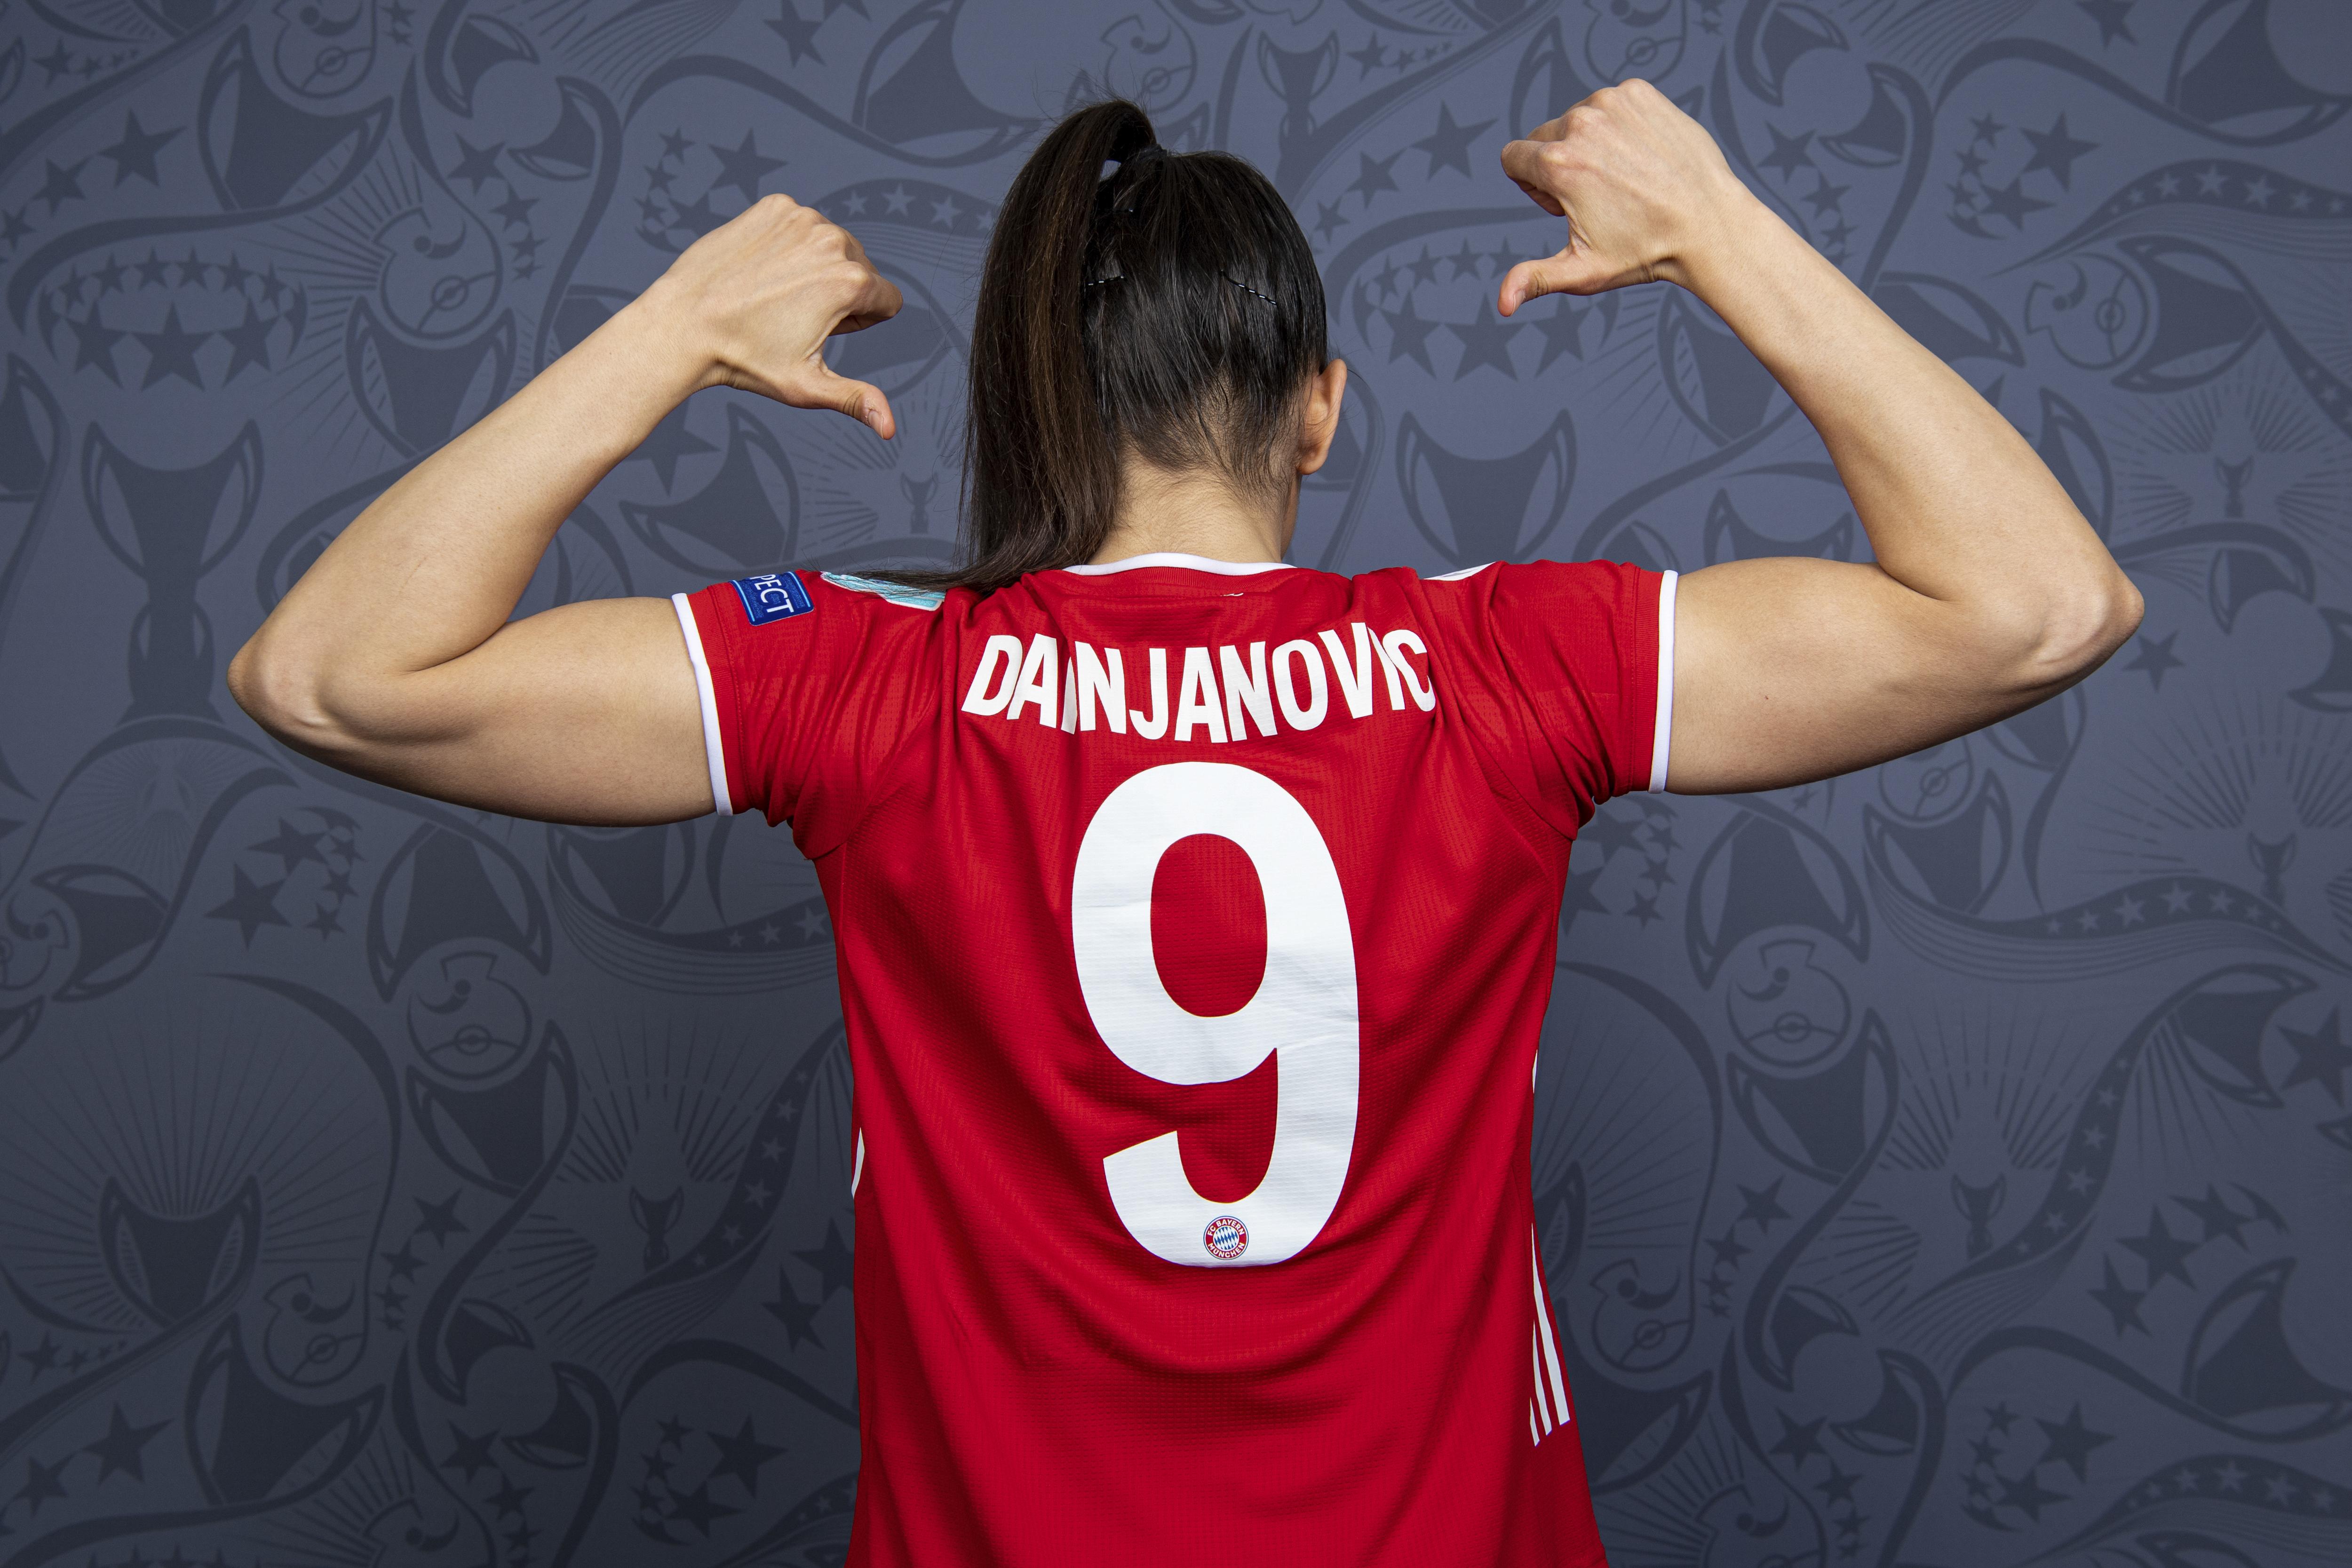 Bayern Munich: UEFA Women's Champions League Portraits